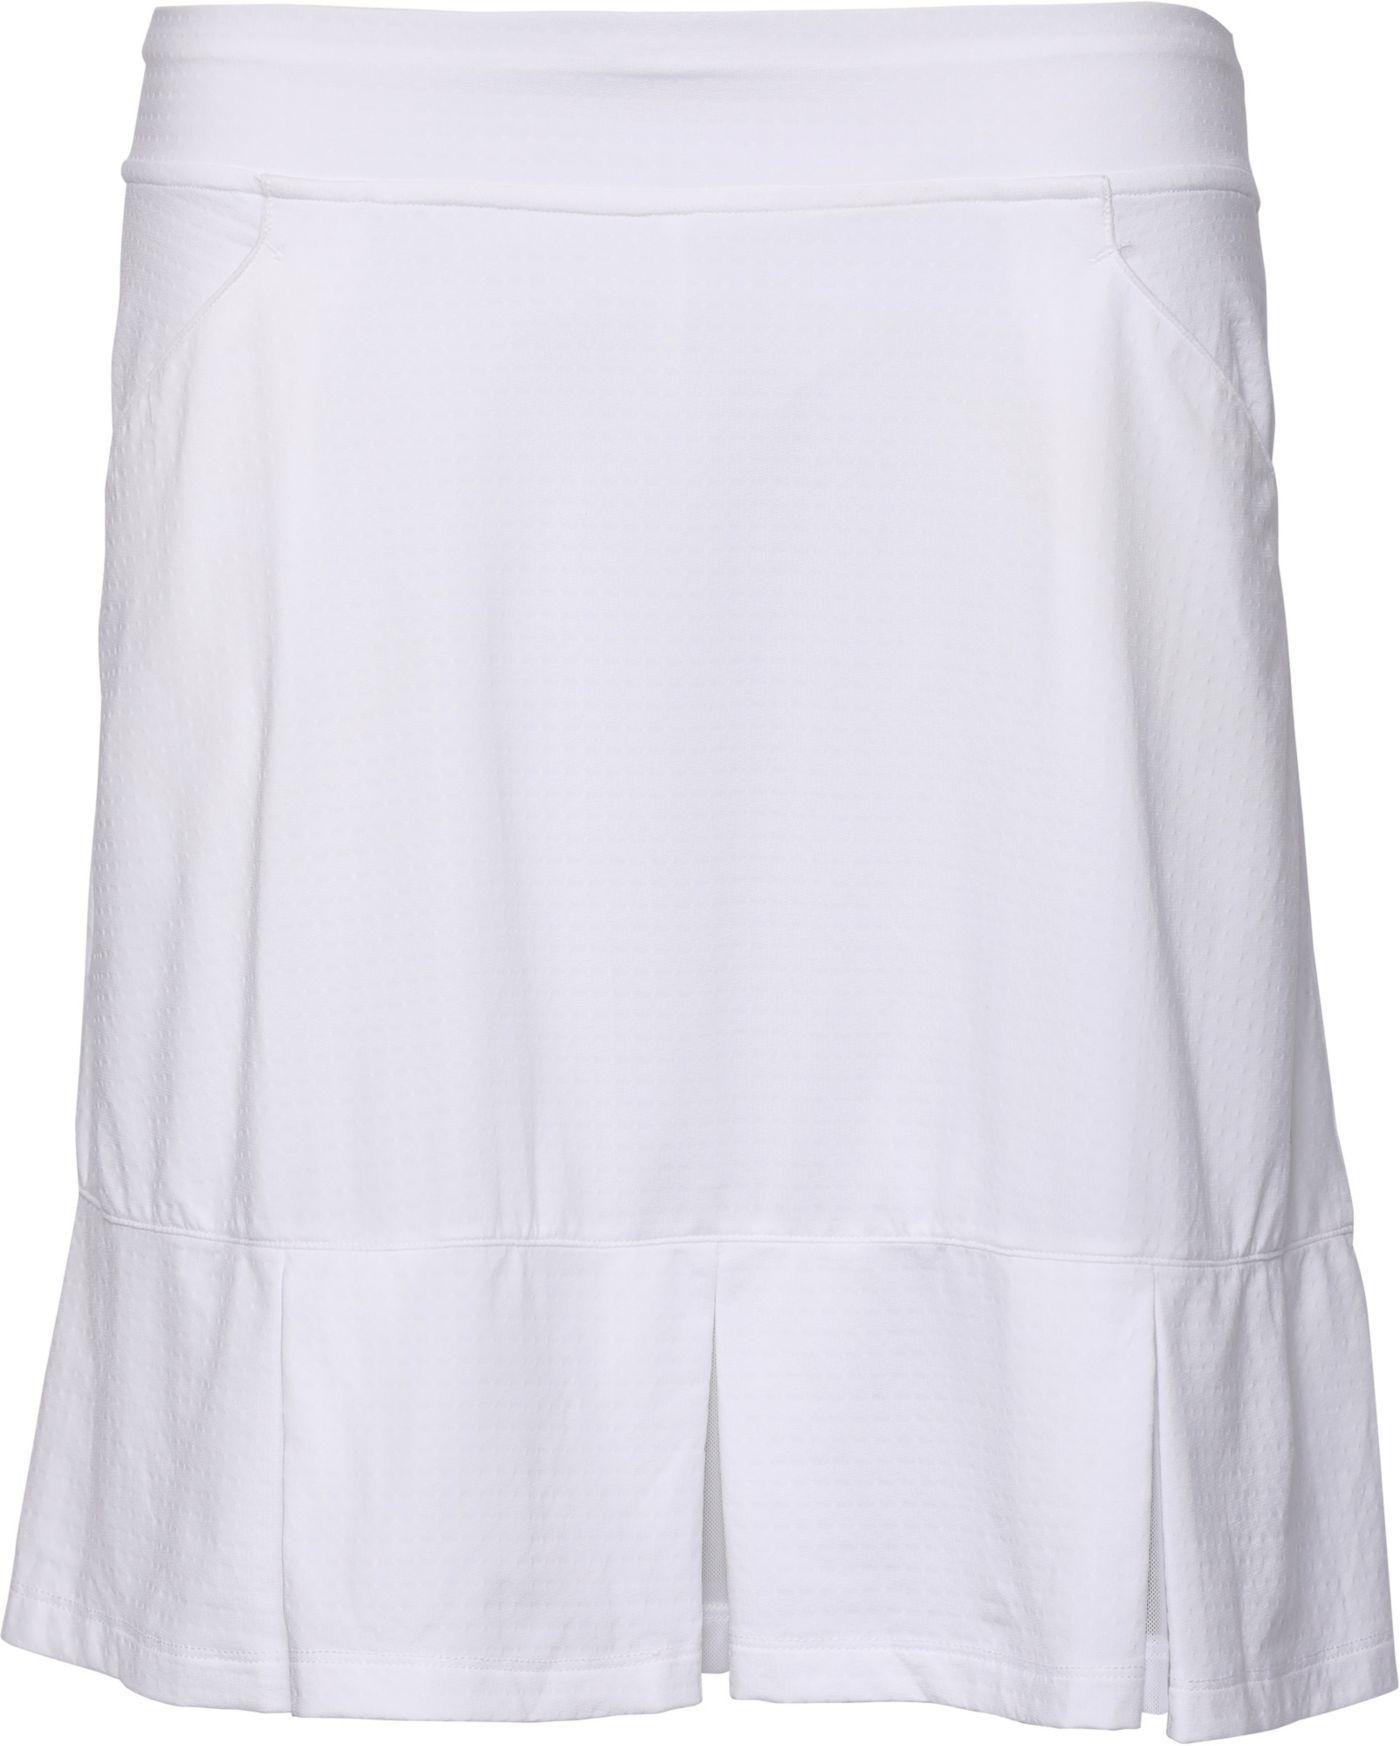 Bette & Court Women's Twirl Pull-On Golf Skirt